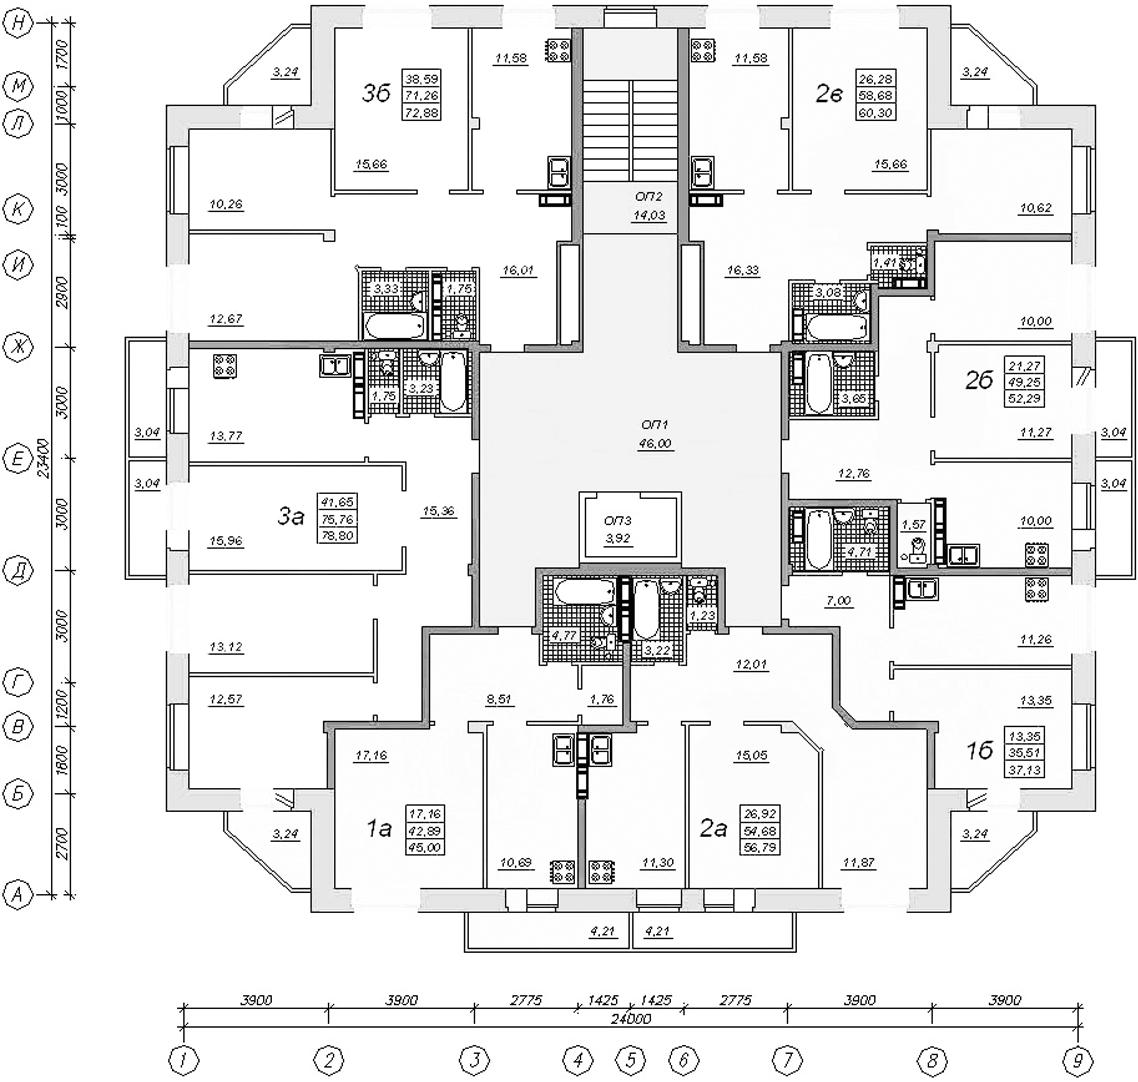 План типового этажа односекционного («точечного») жилого дома повышенной этажности (дома башенного типа)